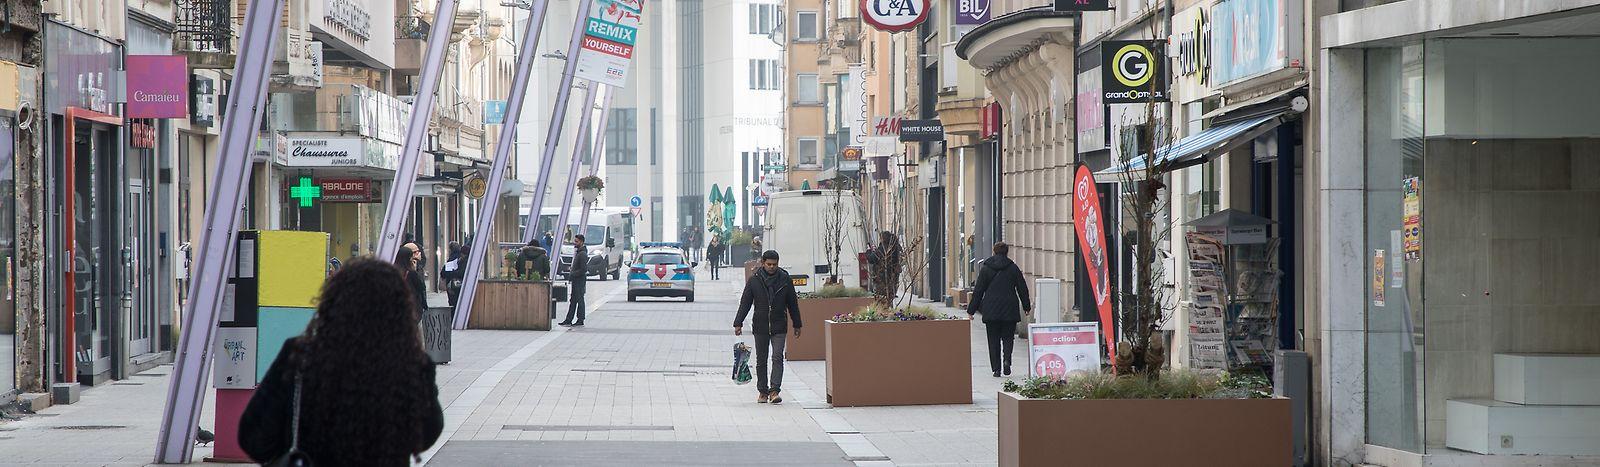 In der Rue de l'Alzette sind die meisten Lokale in privaten Händen. Deshalb wird nur ein Lokal vom Nachlass seiner Miete durch die Gemeinde profitieren können.